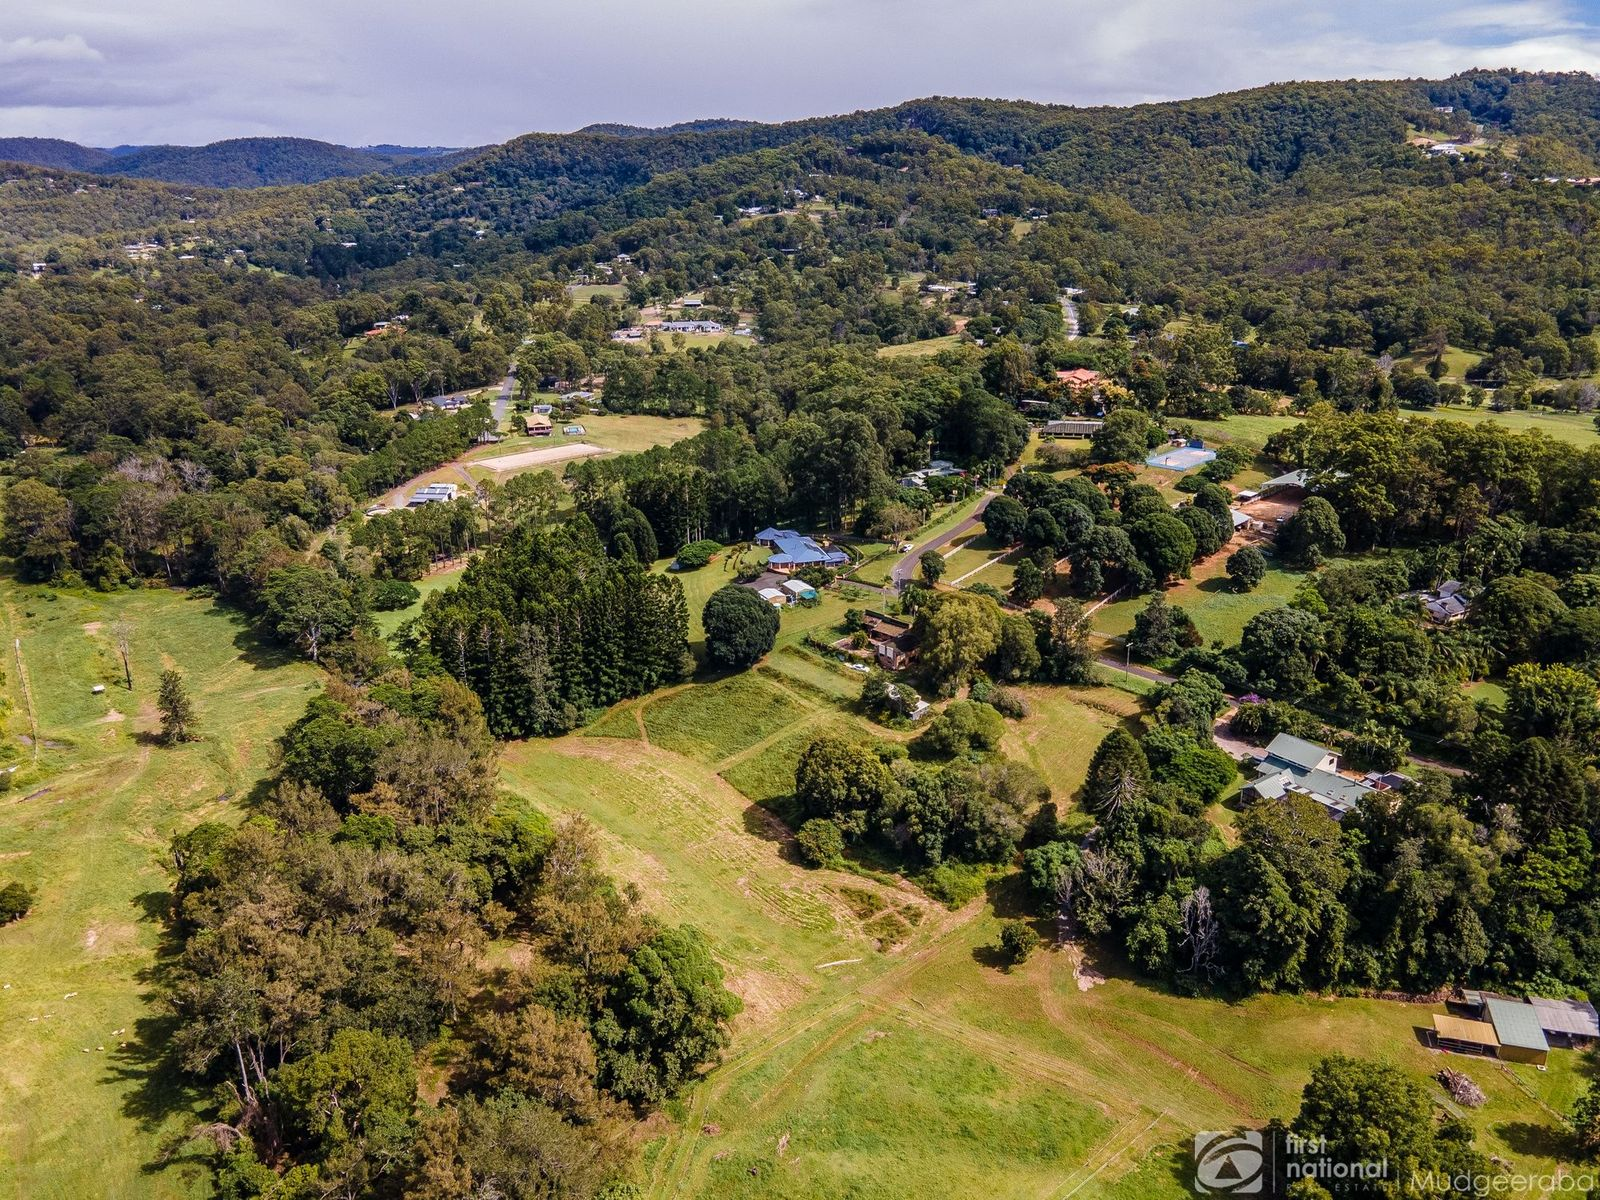 47 Mark Way, Mudgeeraba, QLD 4213